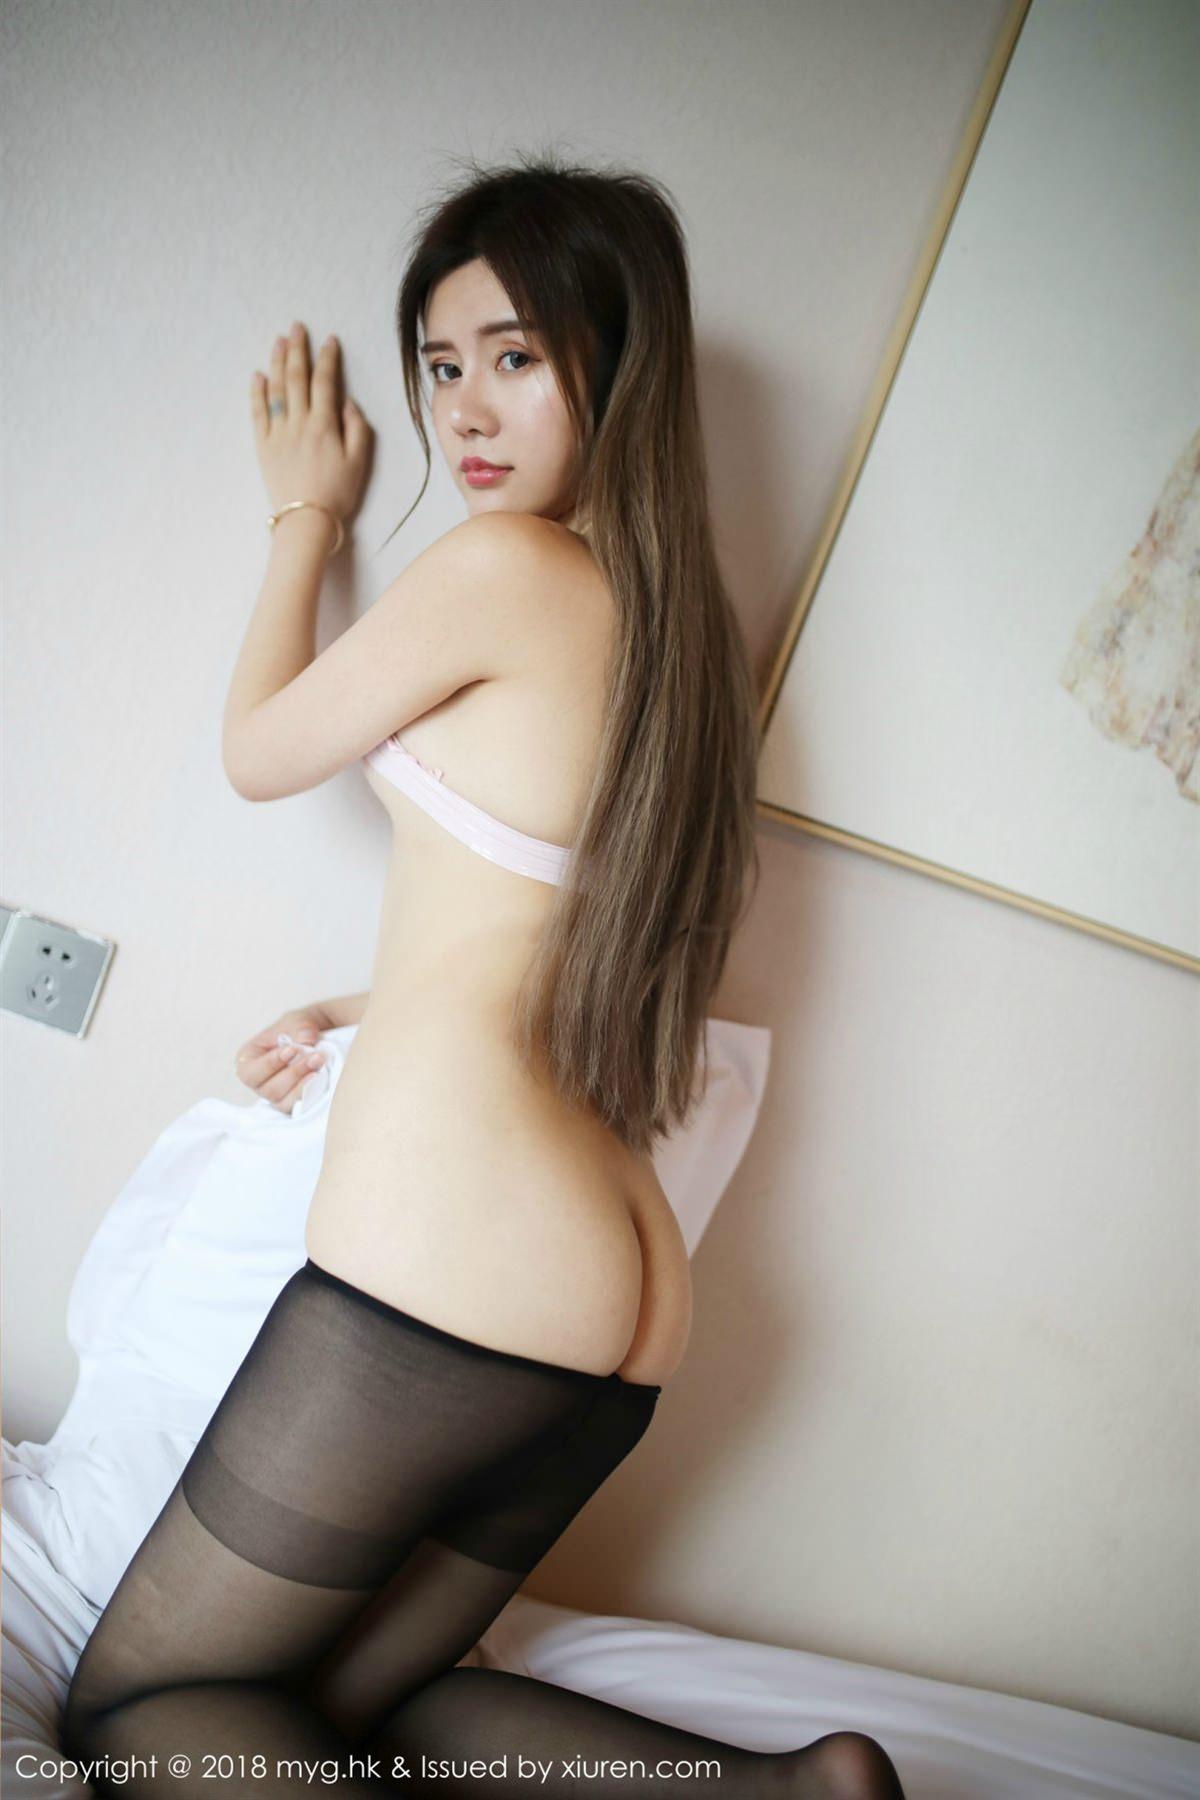 MyGirl Vol.304 29P, mygirl, Zhuo Ya Qi